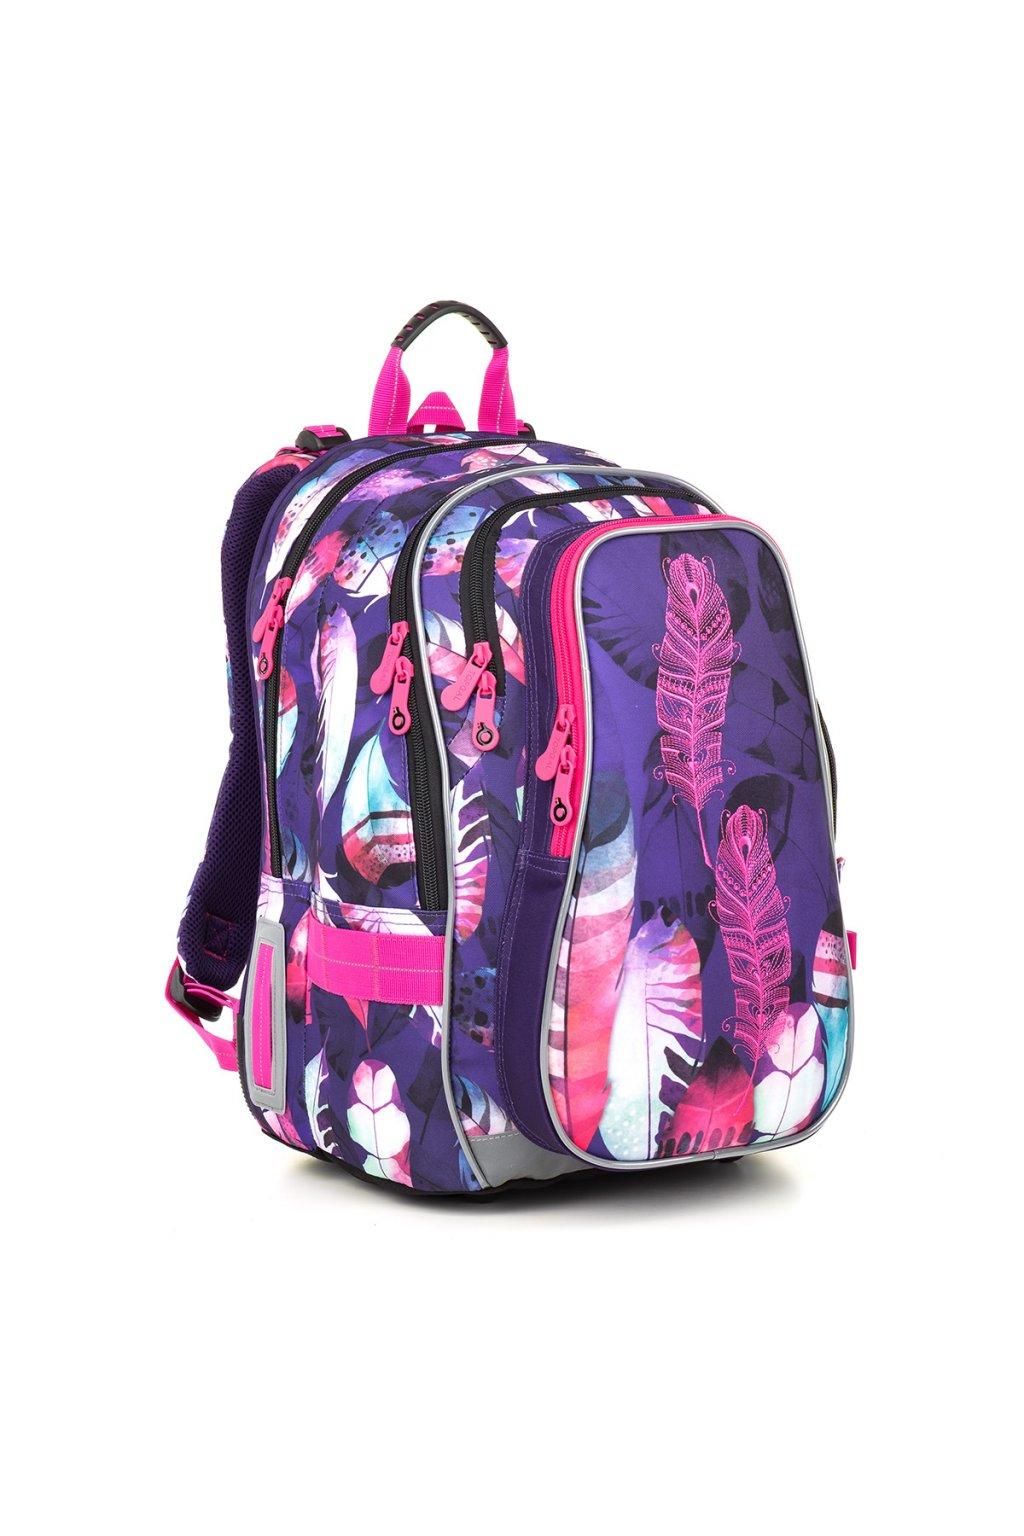 dívčí školní batoh topgal lynn 18009 g